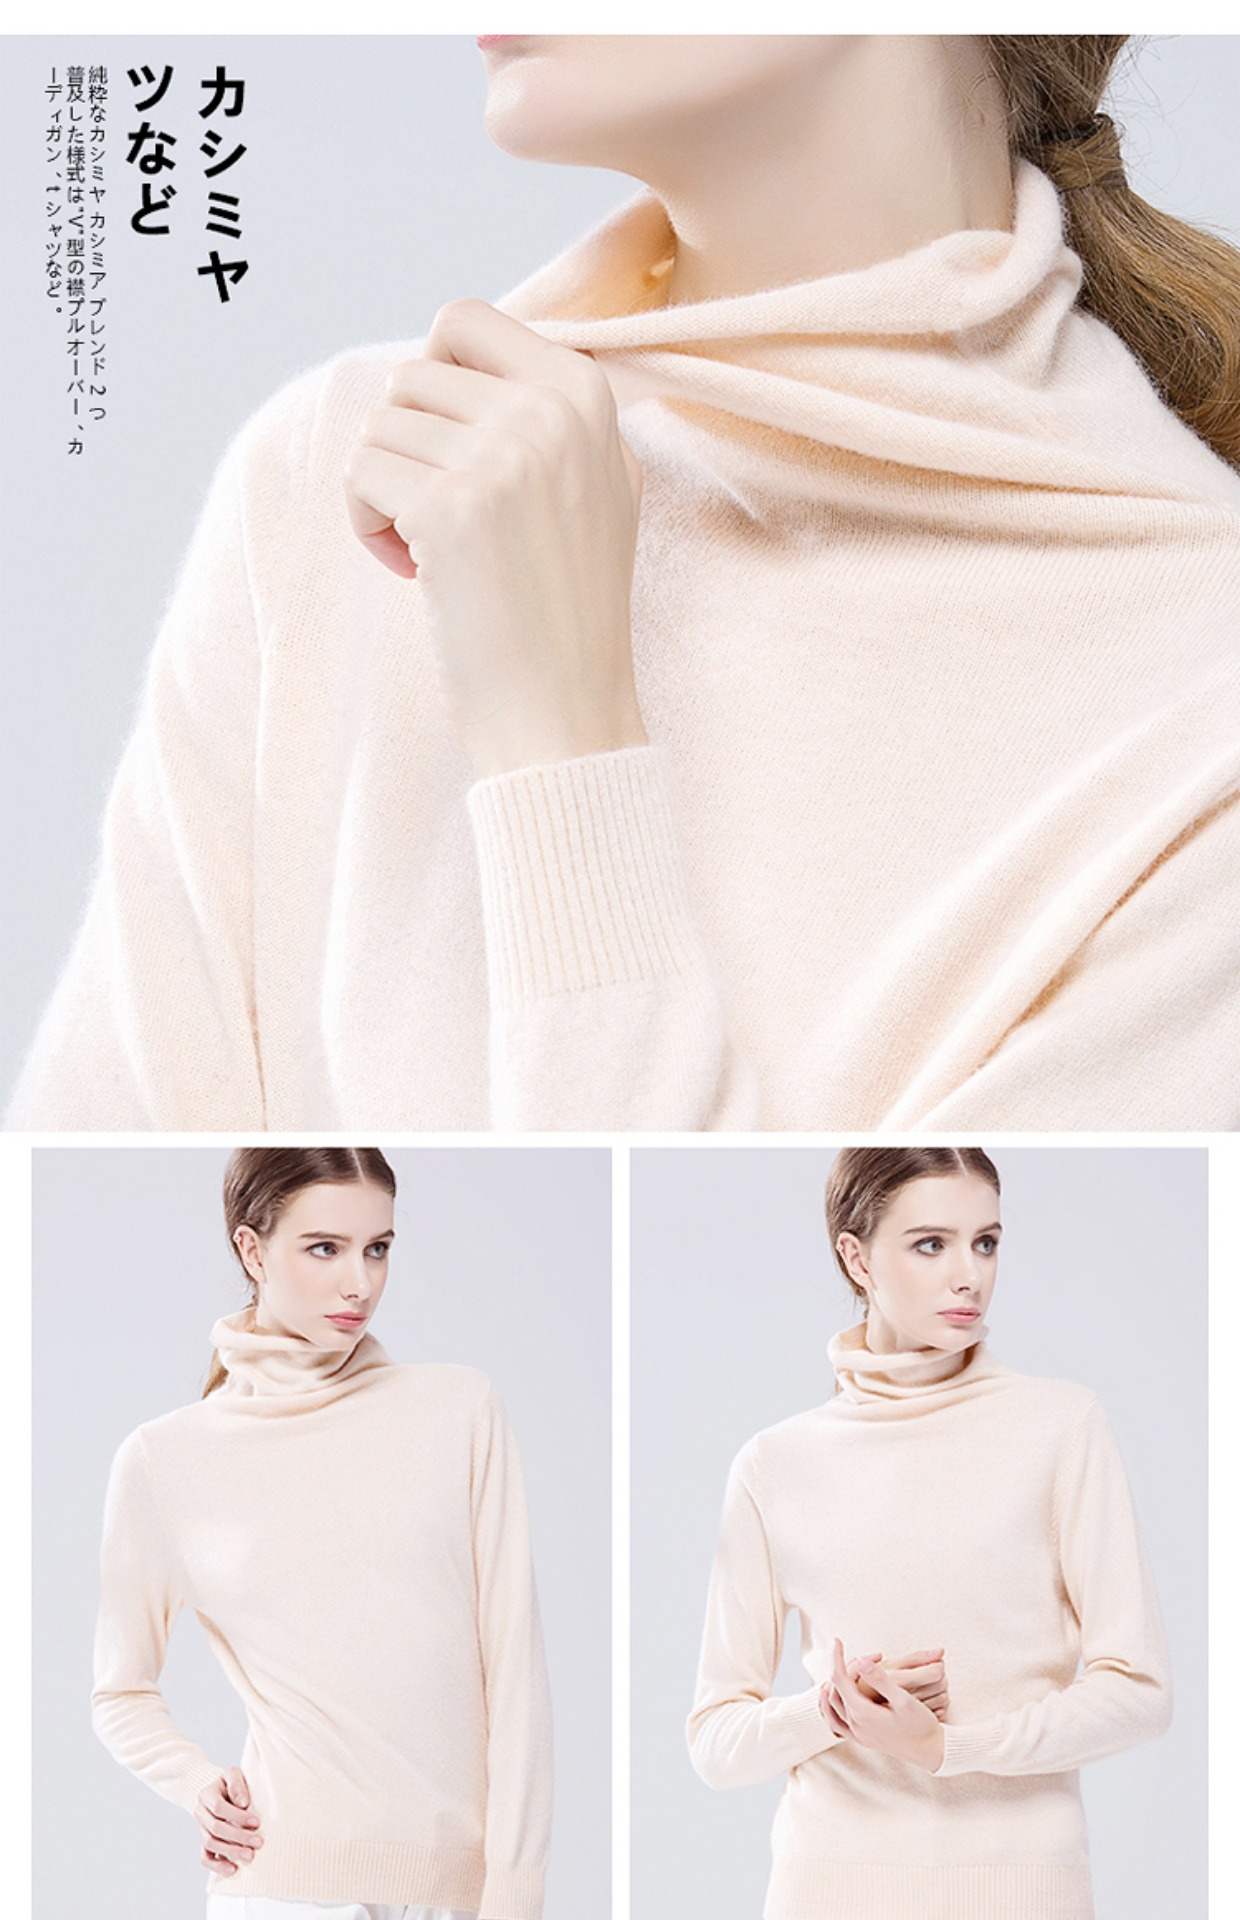 高仿圣罗兰ysl欧美秋冬短款高领加厚羊绒衫QPG365 第17张